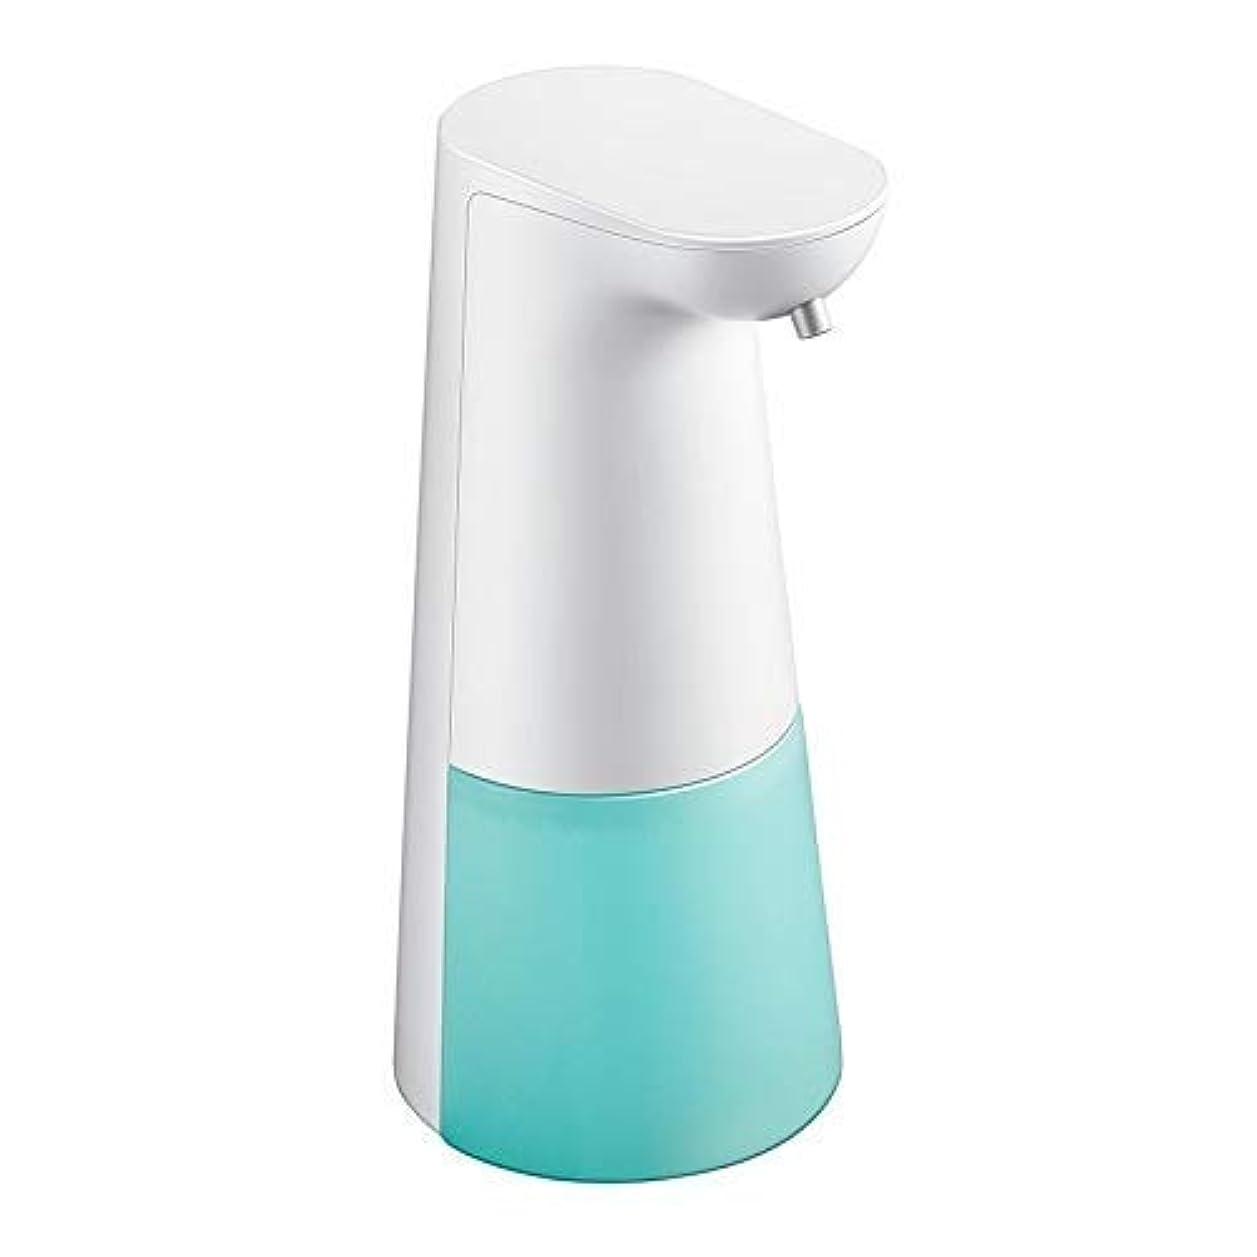 宴会リラックス道徳教育自動誘導の泡の石鹸機械ホテルの泡の石鹸ディスペンサーの自動手の消毒剤